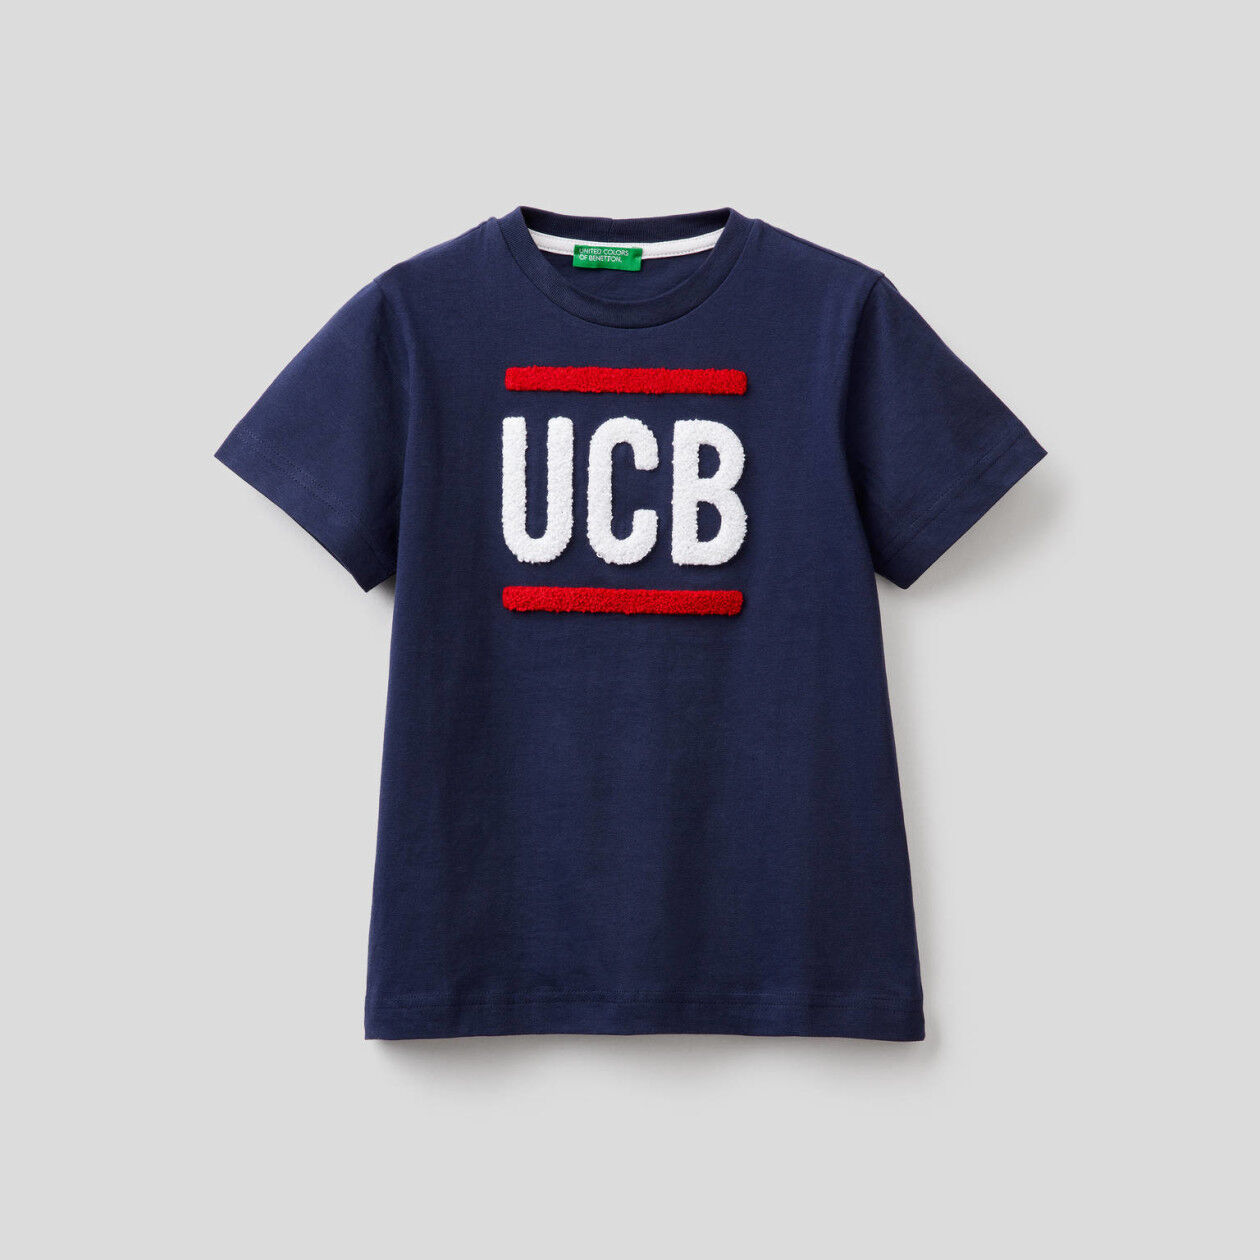 Camiseta de 100% algodón con logotipo